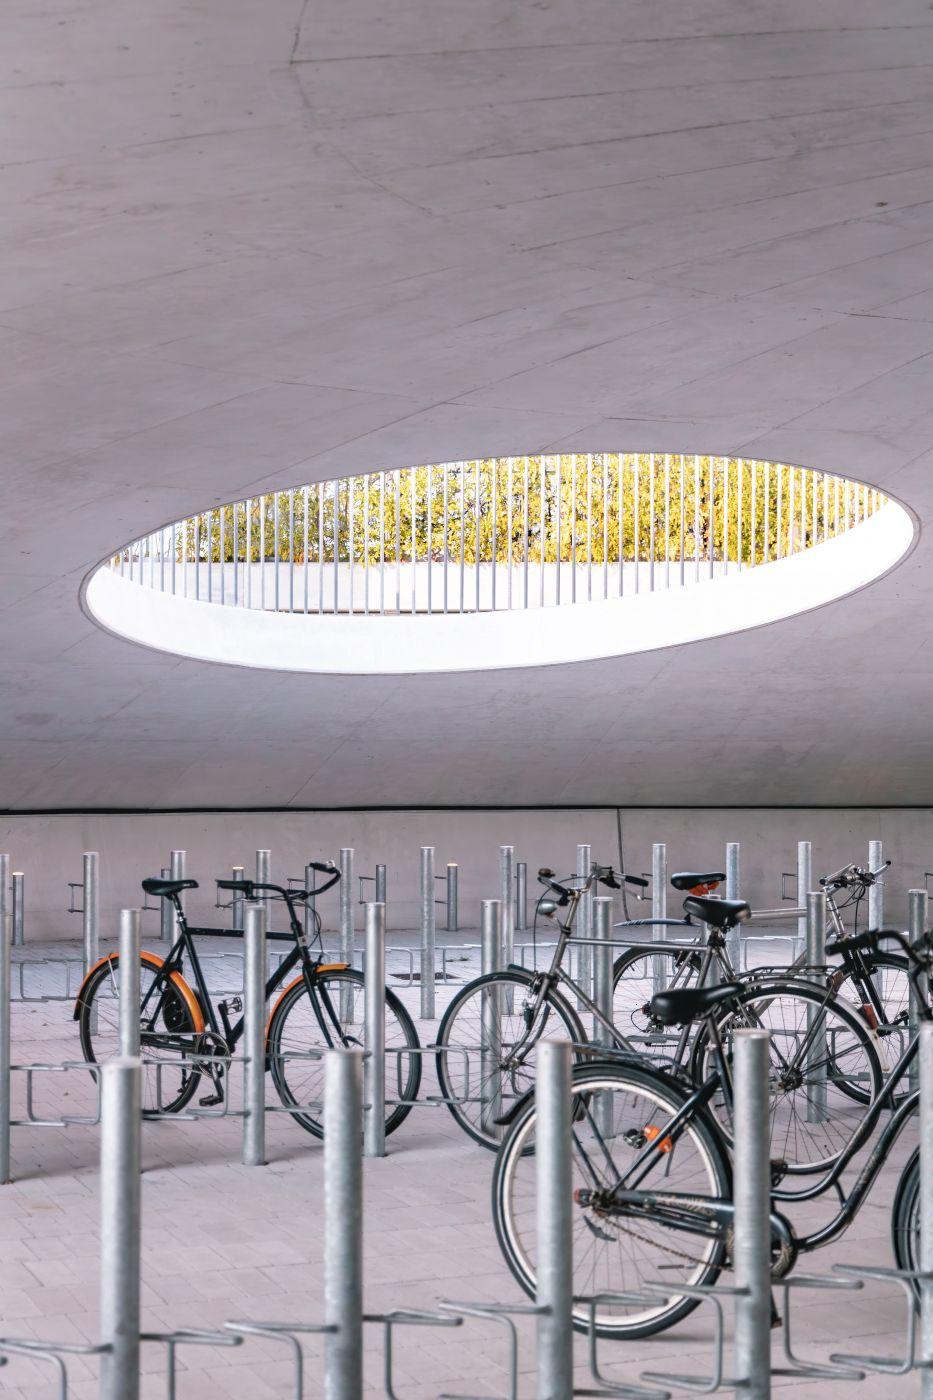 The University of Copenhagen, Amager, Denmark